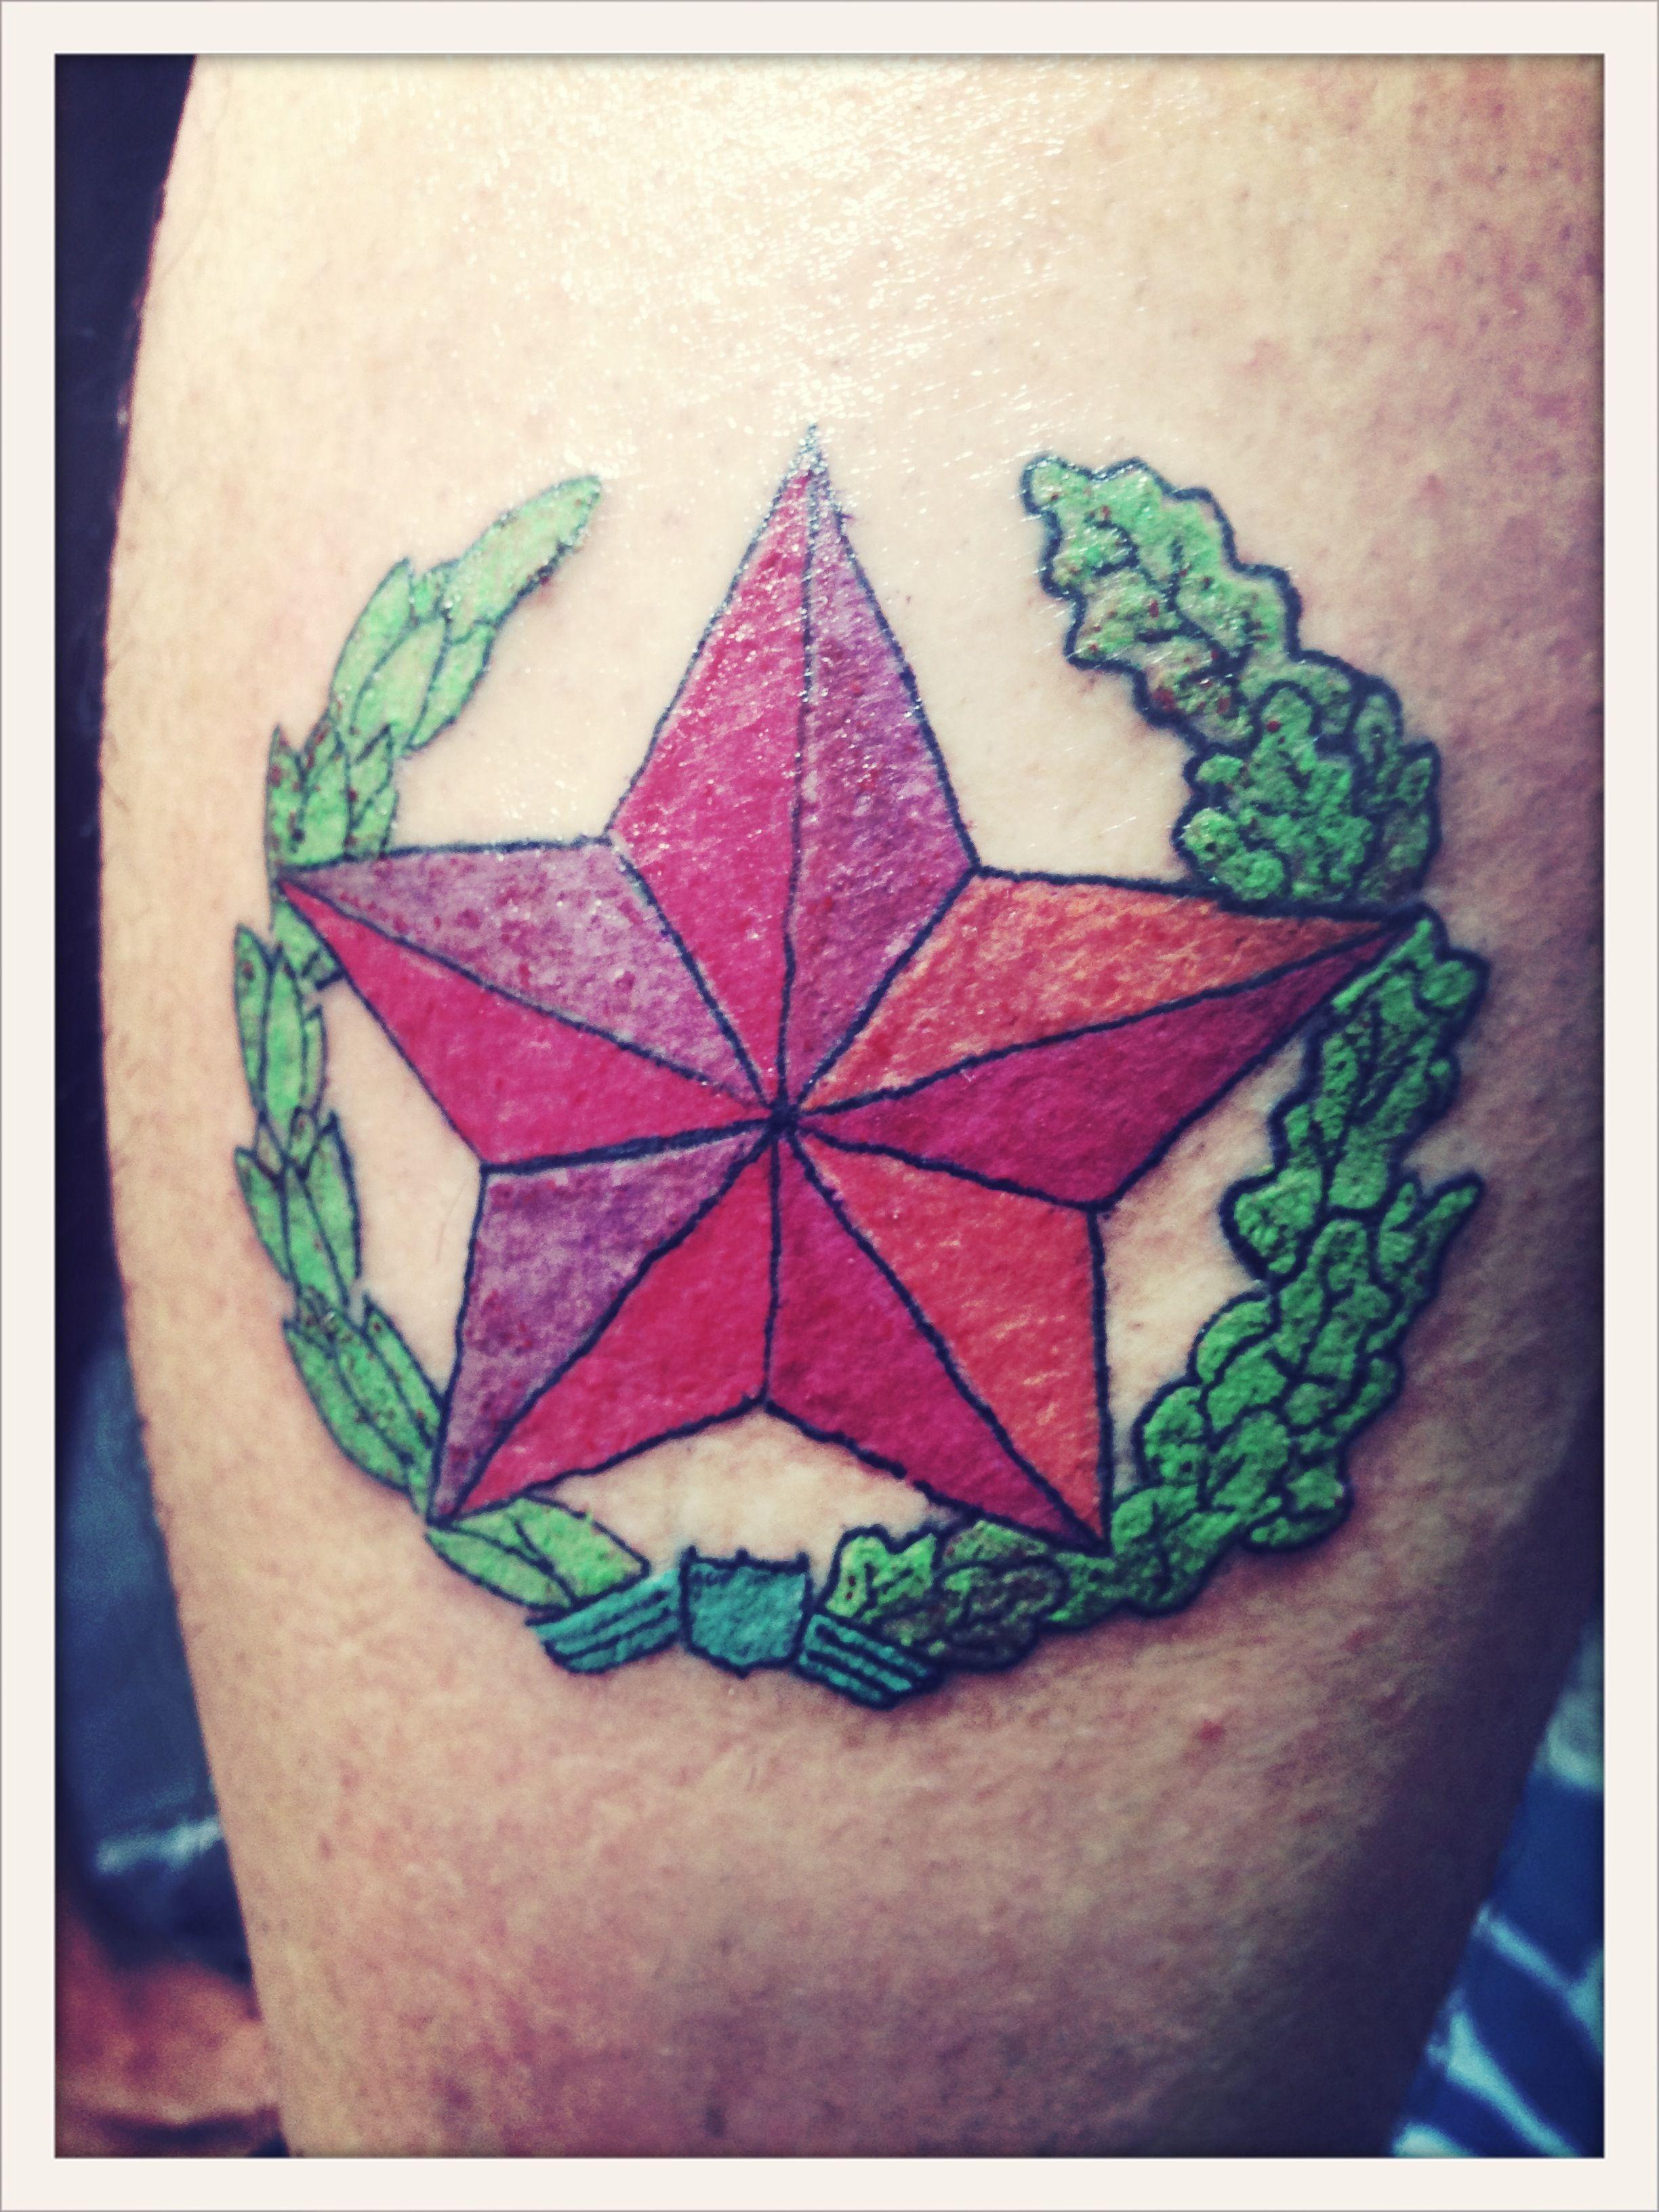 Tatuaje para Toni